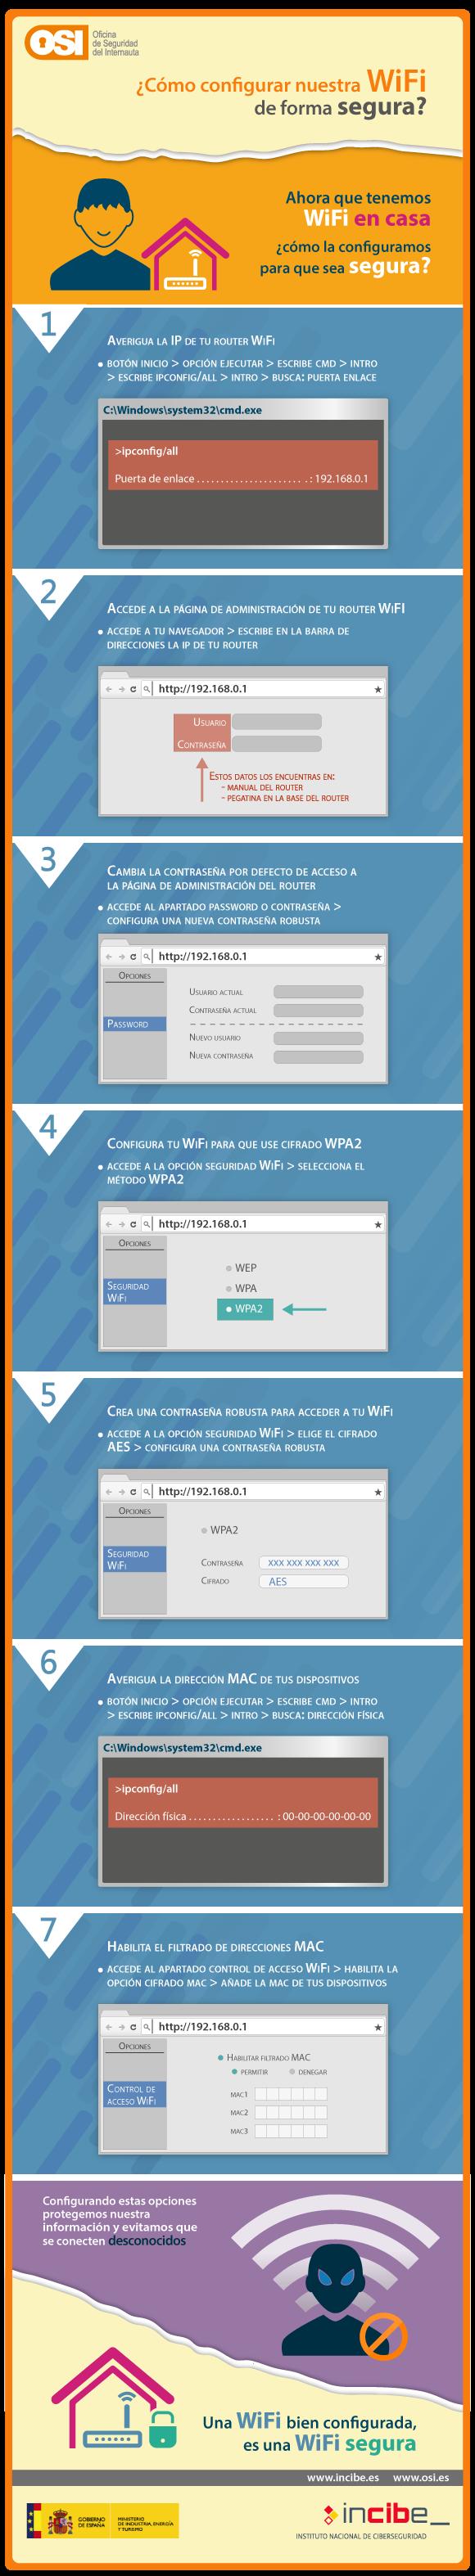 Cómo configurar una wifi de forma segura